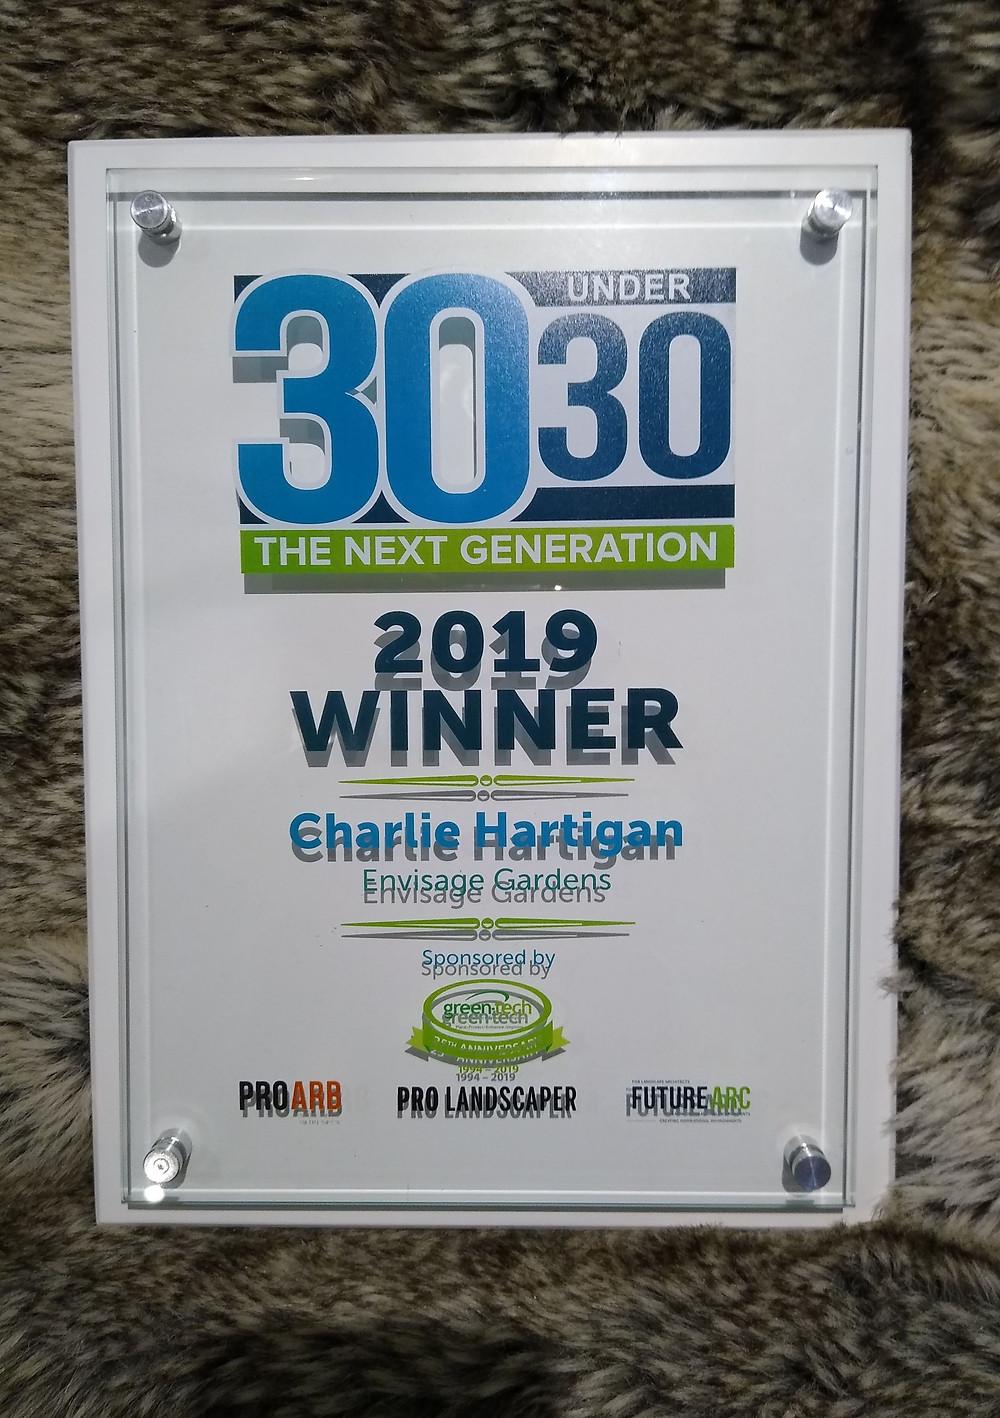 charlie hartigan 30 under 30 award pro landscaper